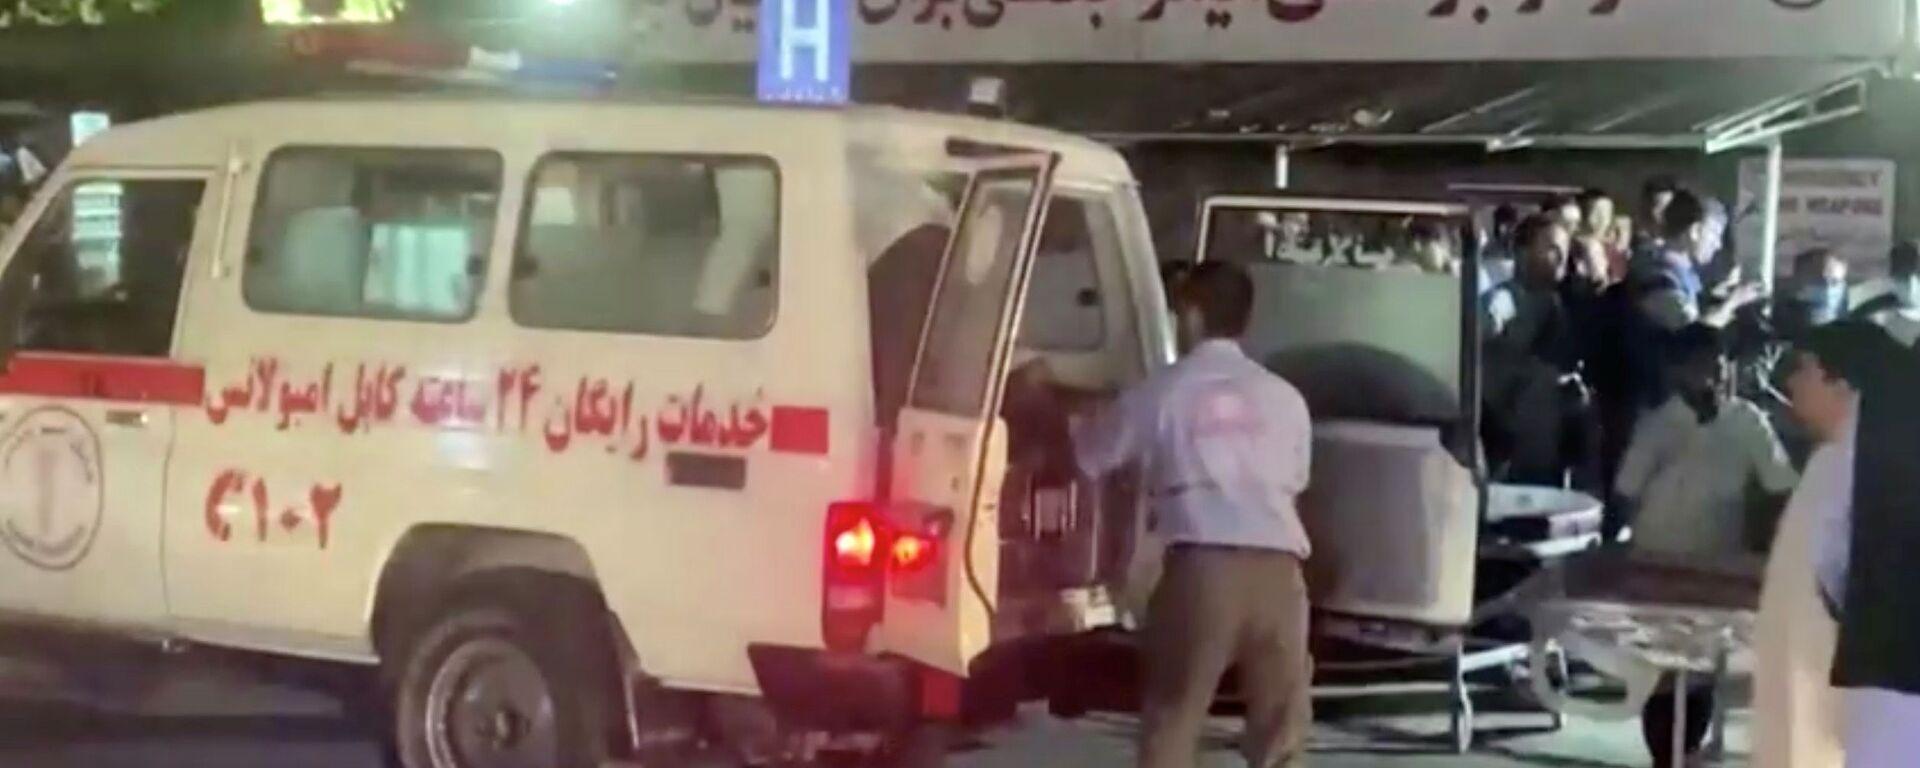 Автомобиль скорой помощи доставляет пострадавших в больницу после нападения в аэропорту Кабула (26 августа 2021). Афганистан - Sputnik Армения, 1920, 27.08.2021